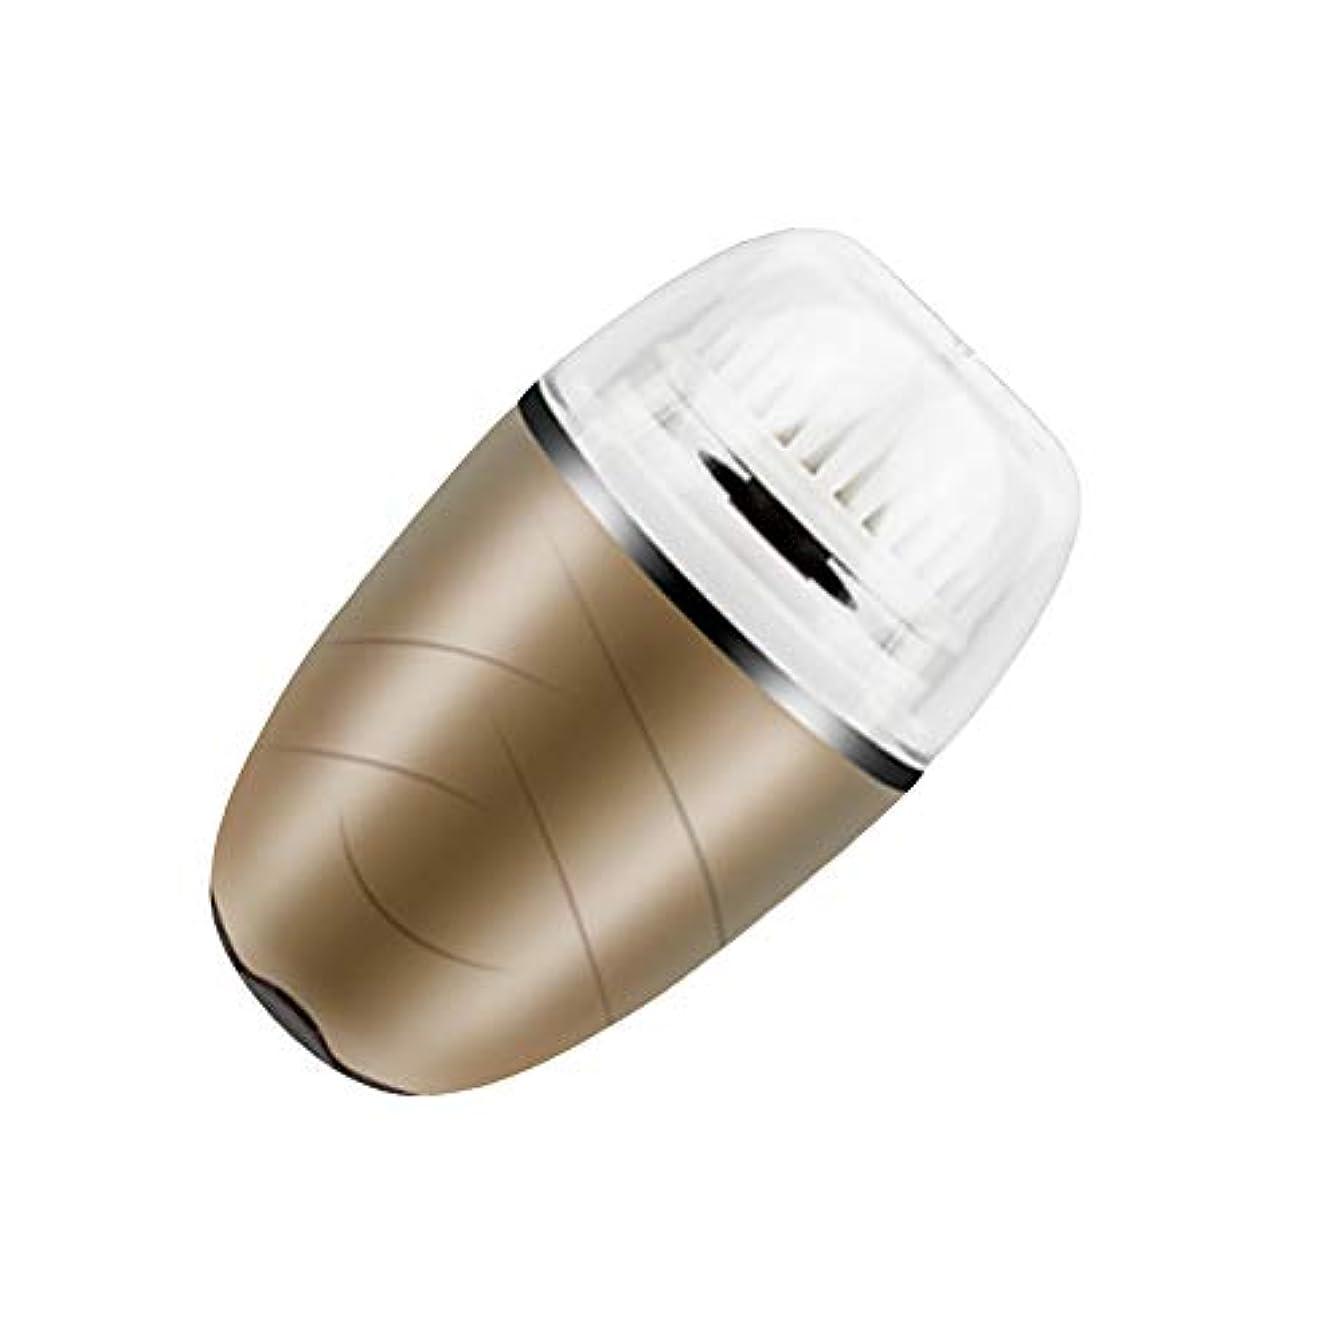 を必要としています方程式メダリスト洗顔ブラシ、電動ソニックフェイスブラシ振動顔クレンジングシステム防水ブラシにきびエクスフォリエーター USB 充電式,Gold